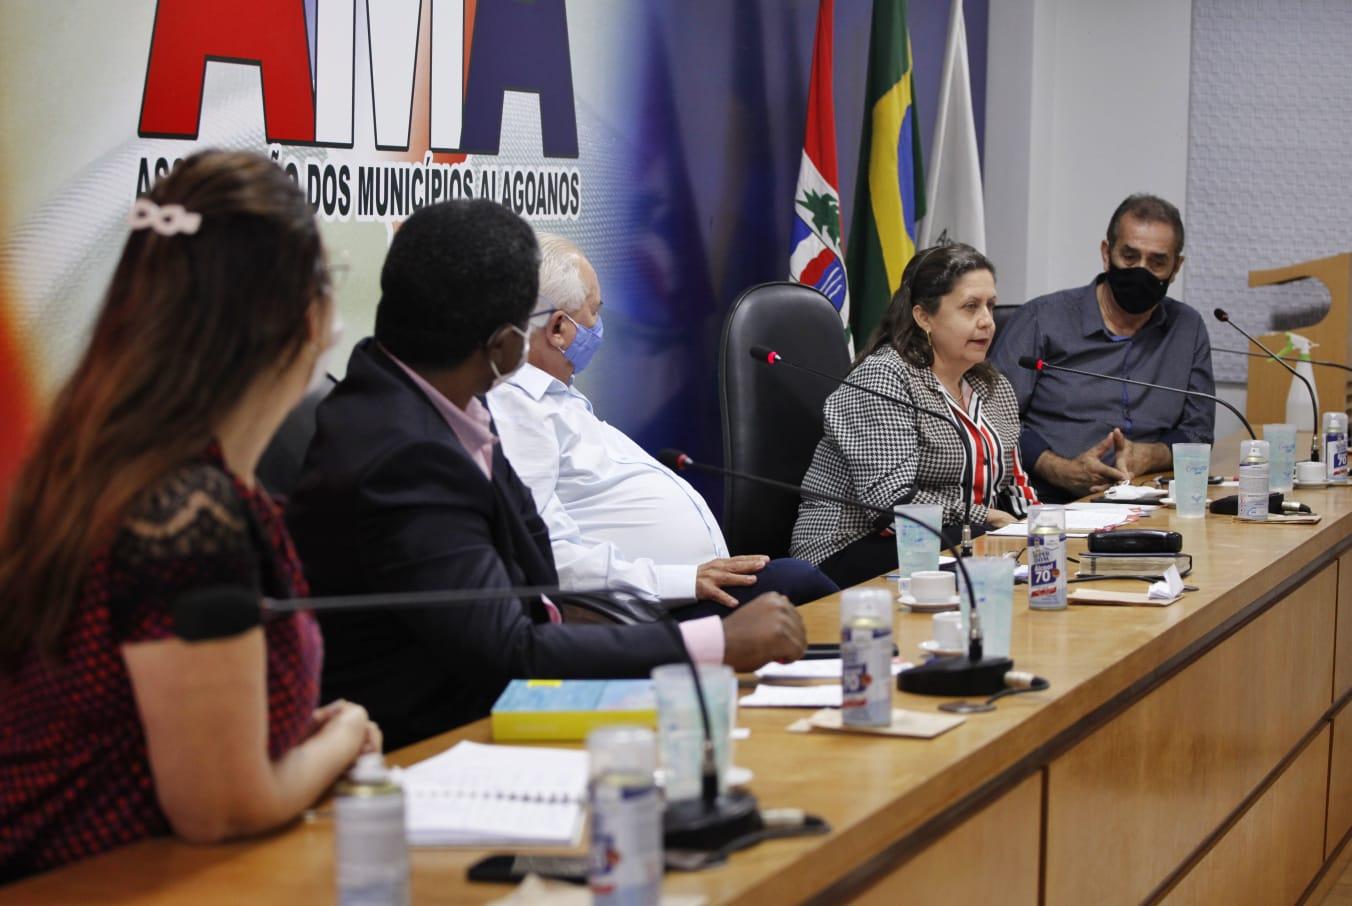 Undime-AL, AMA e Seduc discutem detalhes sobre o processo de retorno às aulas presenciais em Alagoas